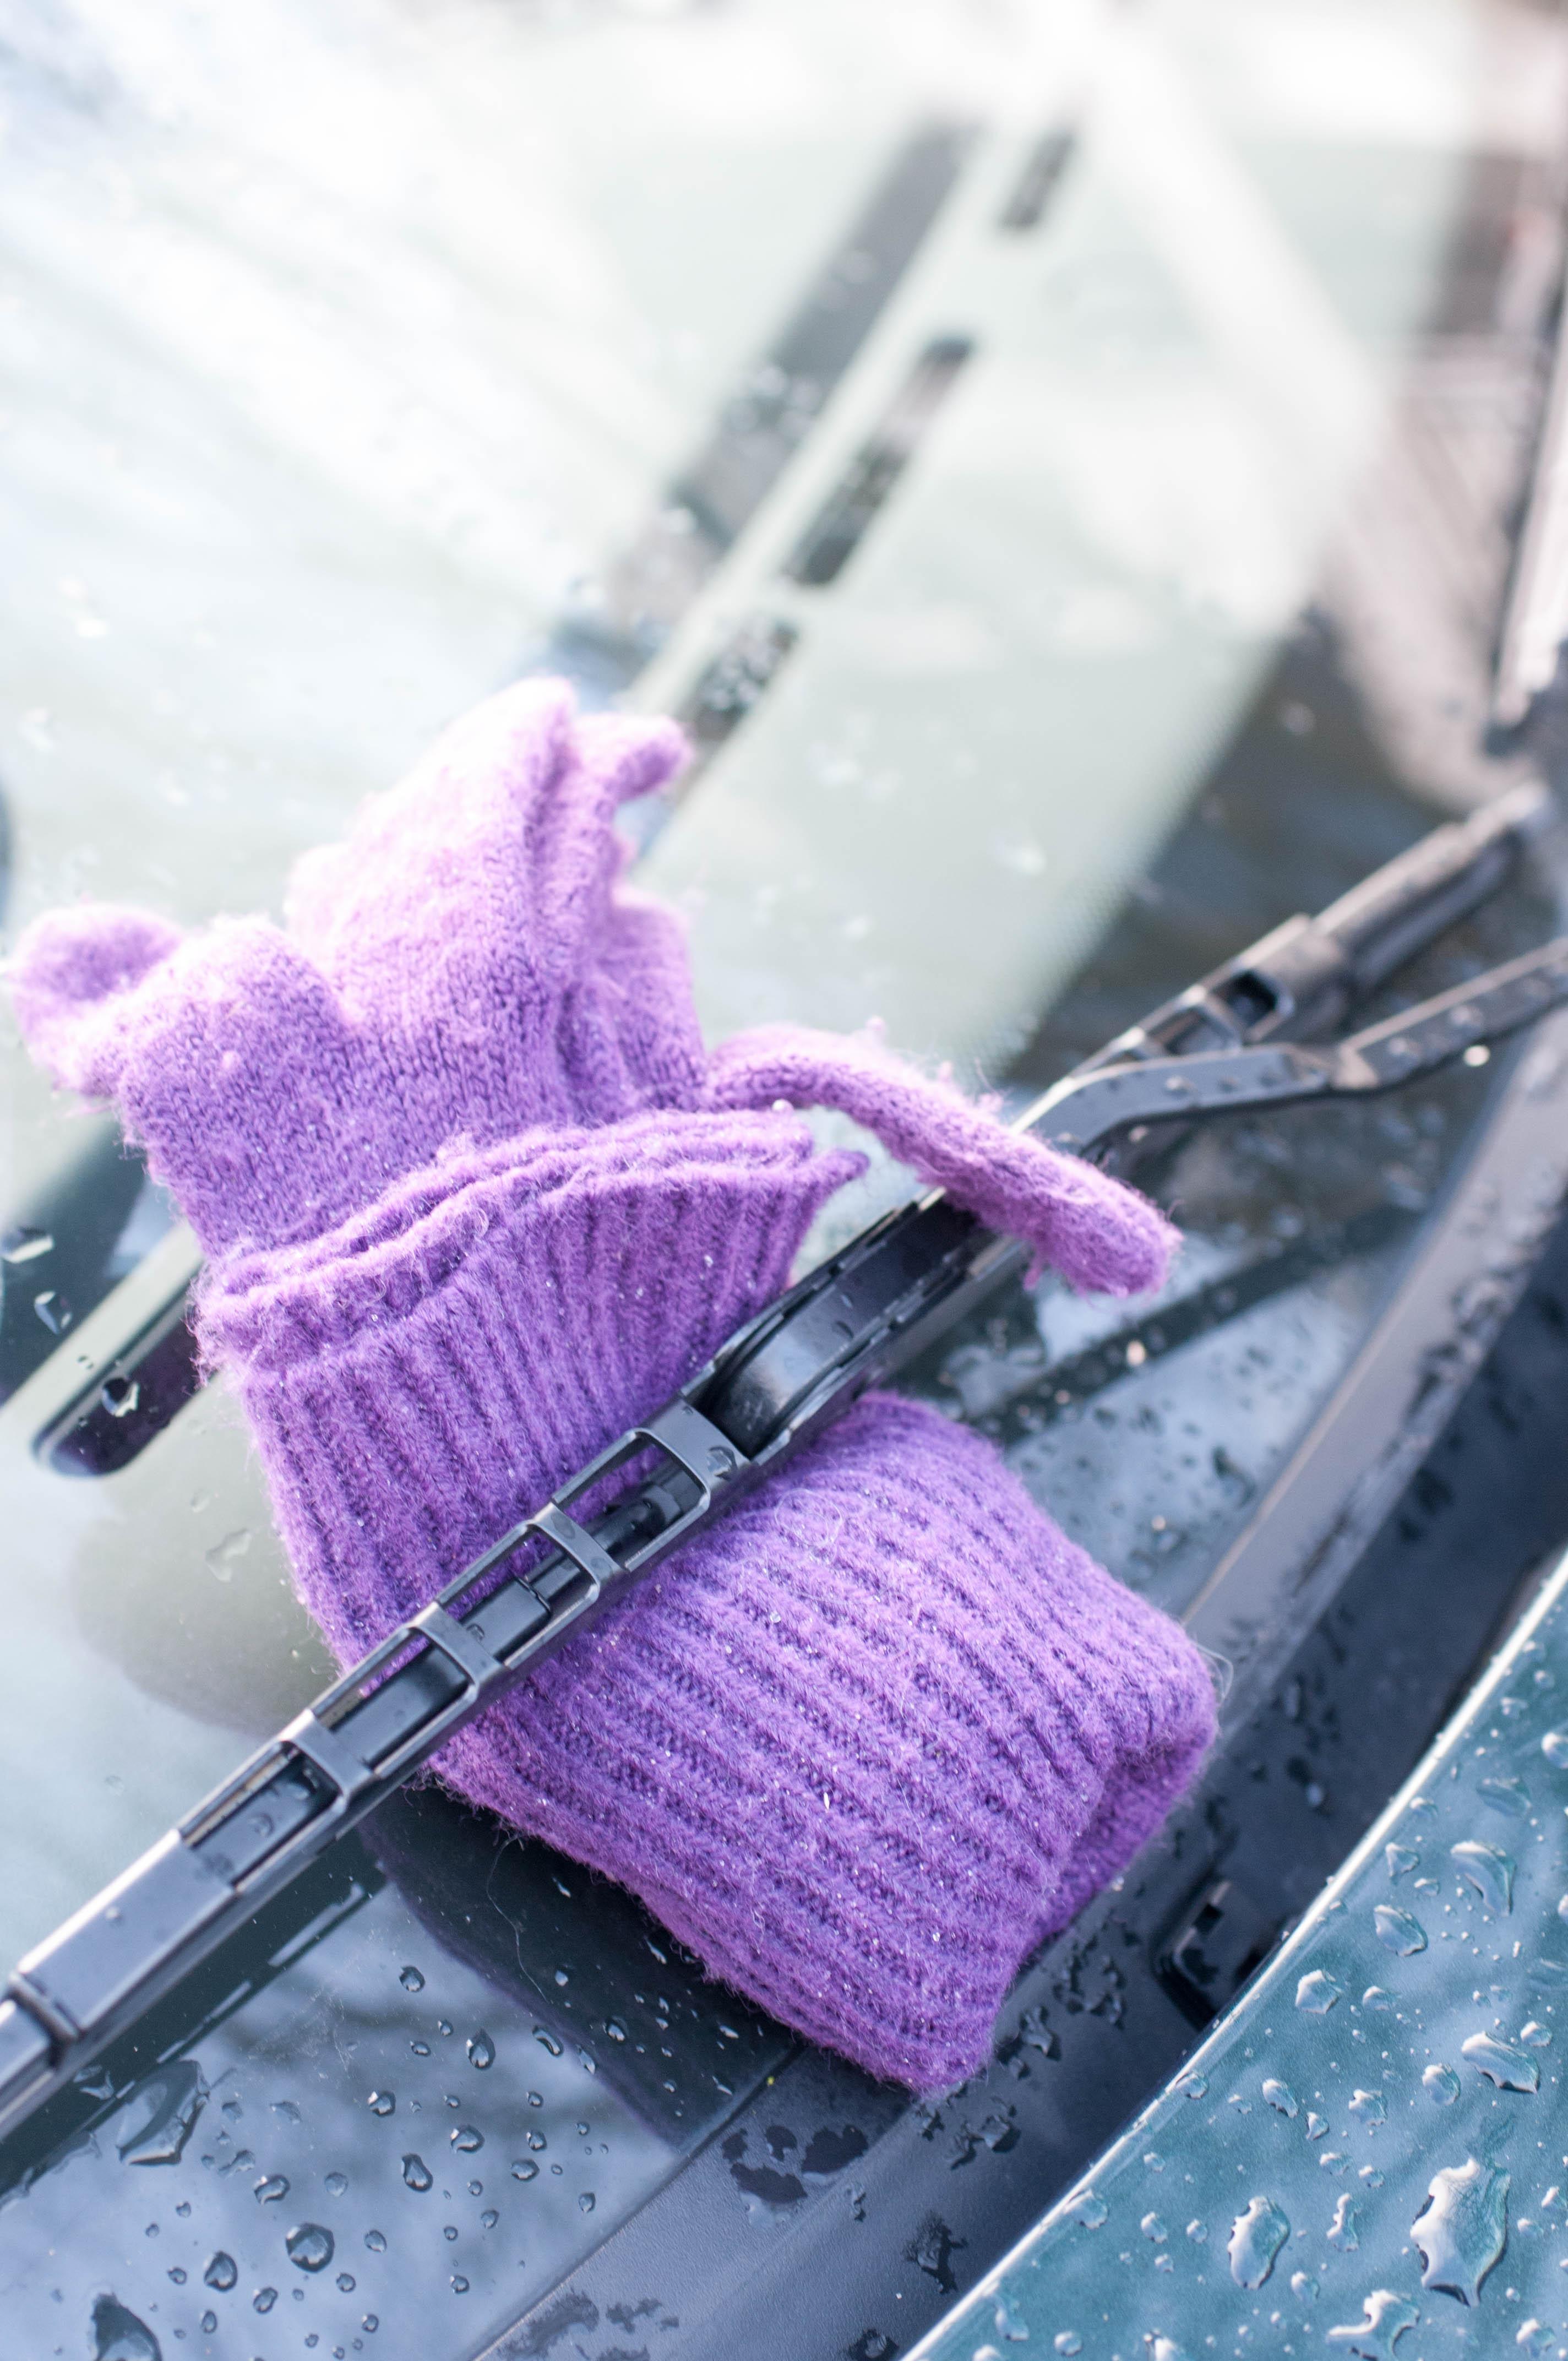 Handschuh auf Windschutzscheibe